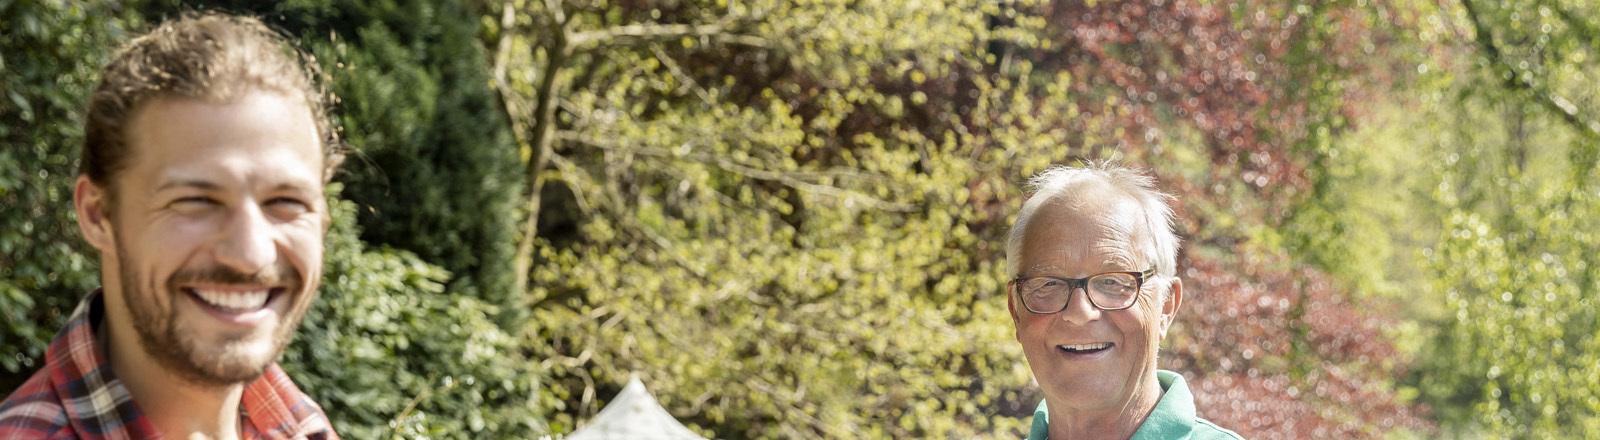 Ein junger Mann hält mit einer Grillzange eine Bratwurst hoch, dahinter steht ein älterer Mann mit einer Grillplatte.